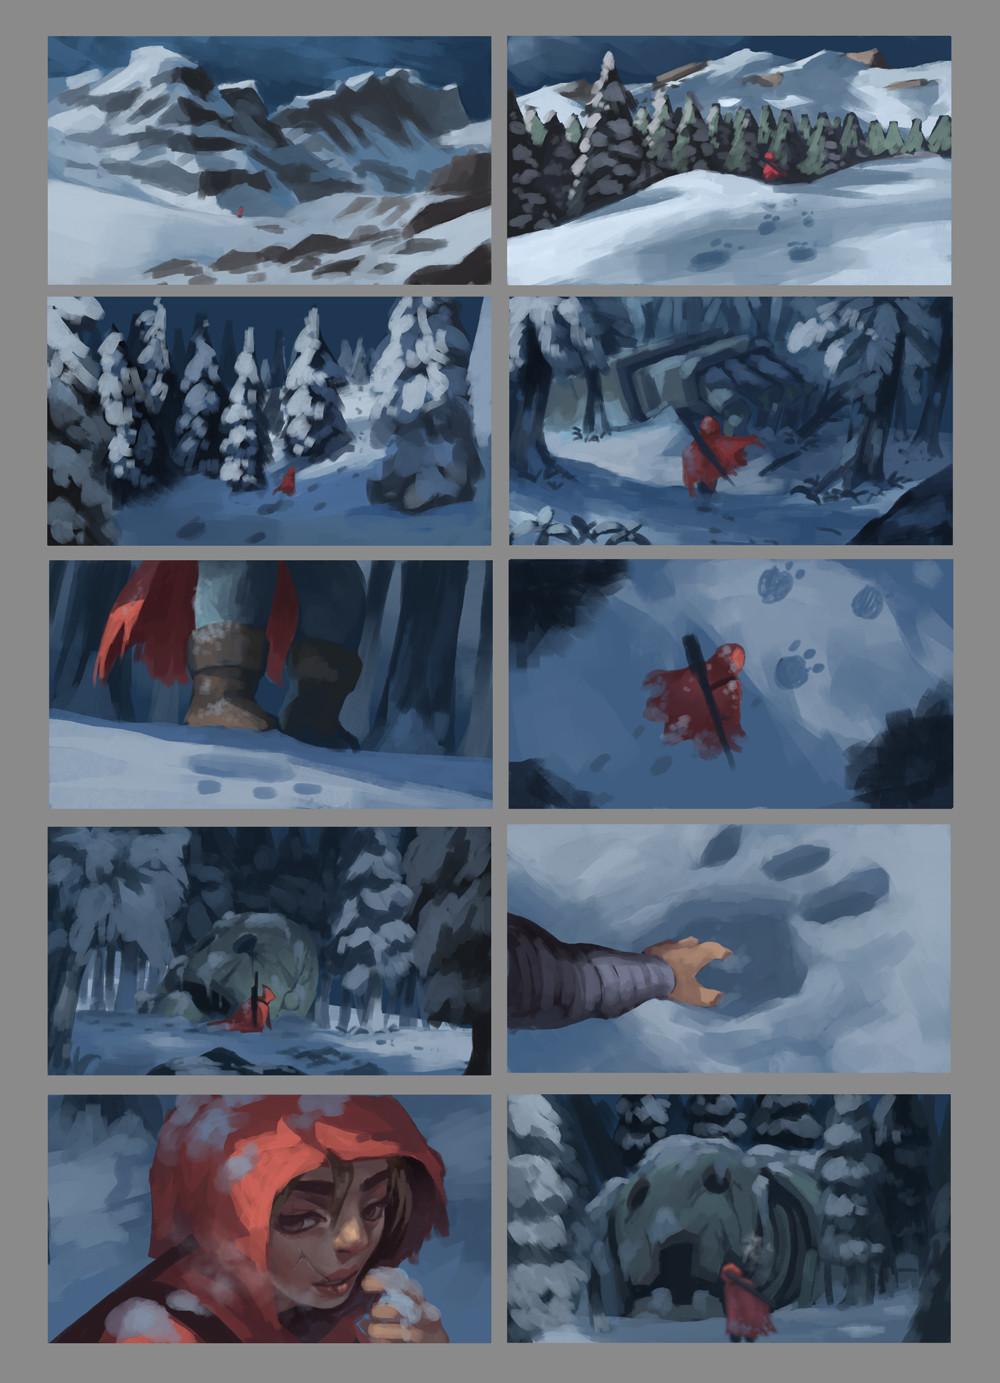 Henry chen winter